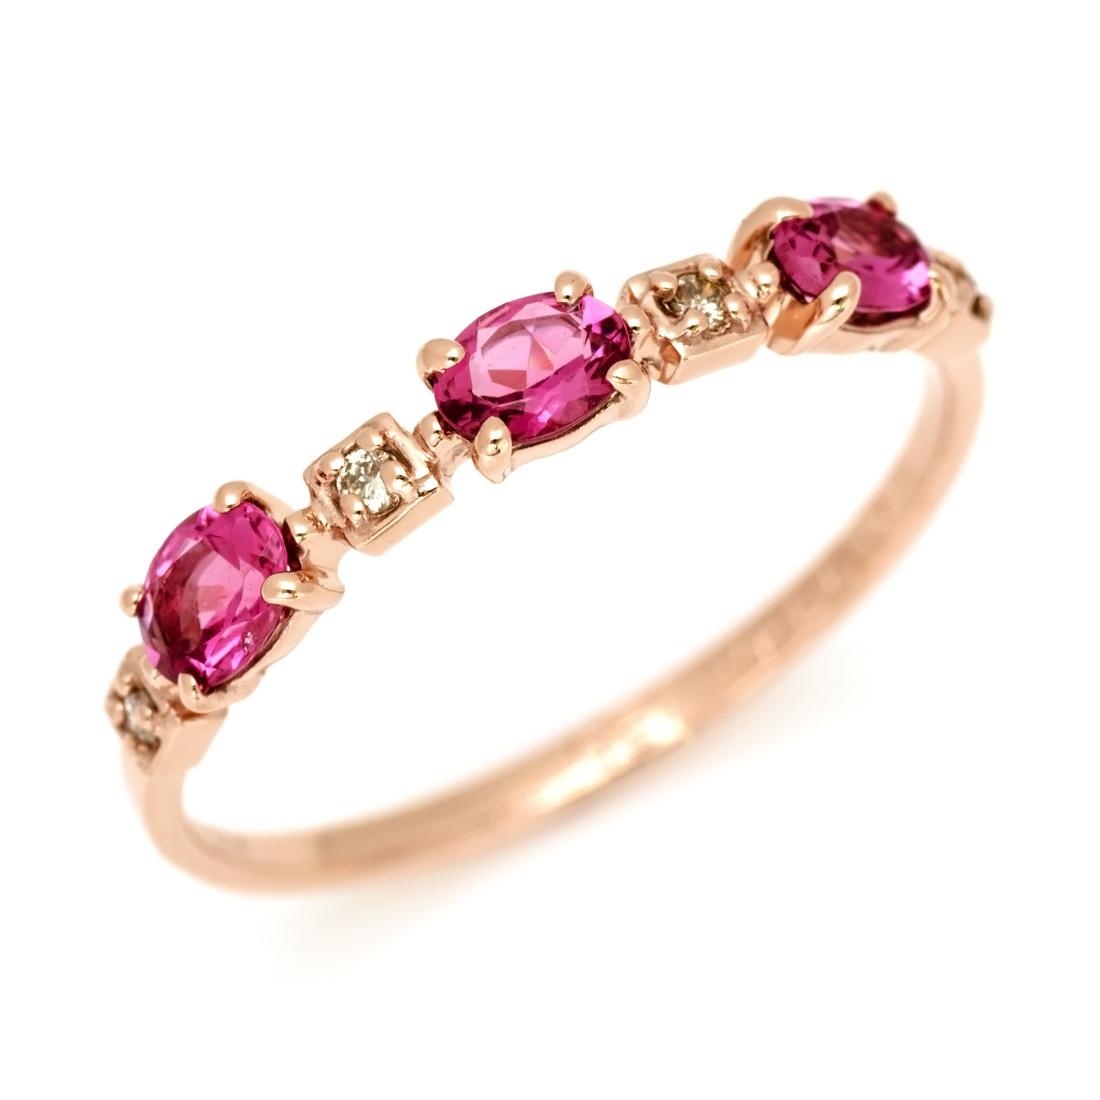 【GWクーポン配布中】K10 ピンクトルマリン ダイヤモンド リング 「purezza」送料無料 指輪 10K 10金 ゴールド ダイアモンド 10月誕生石 誕生日 文字入れ 刻印 ピンキーリング対応可能 メッセージ ギフト 贈り物